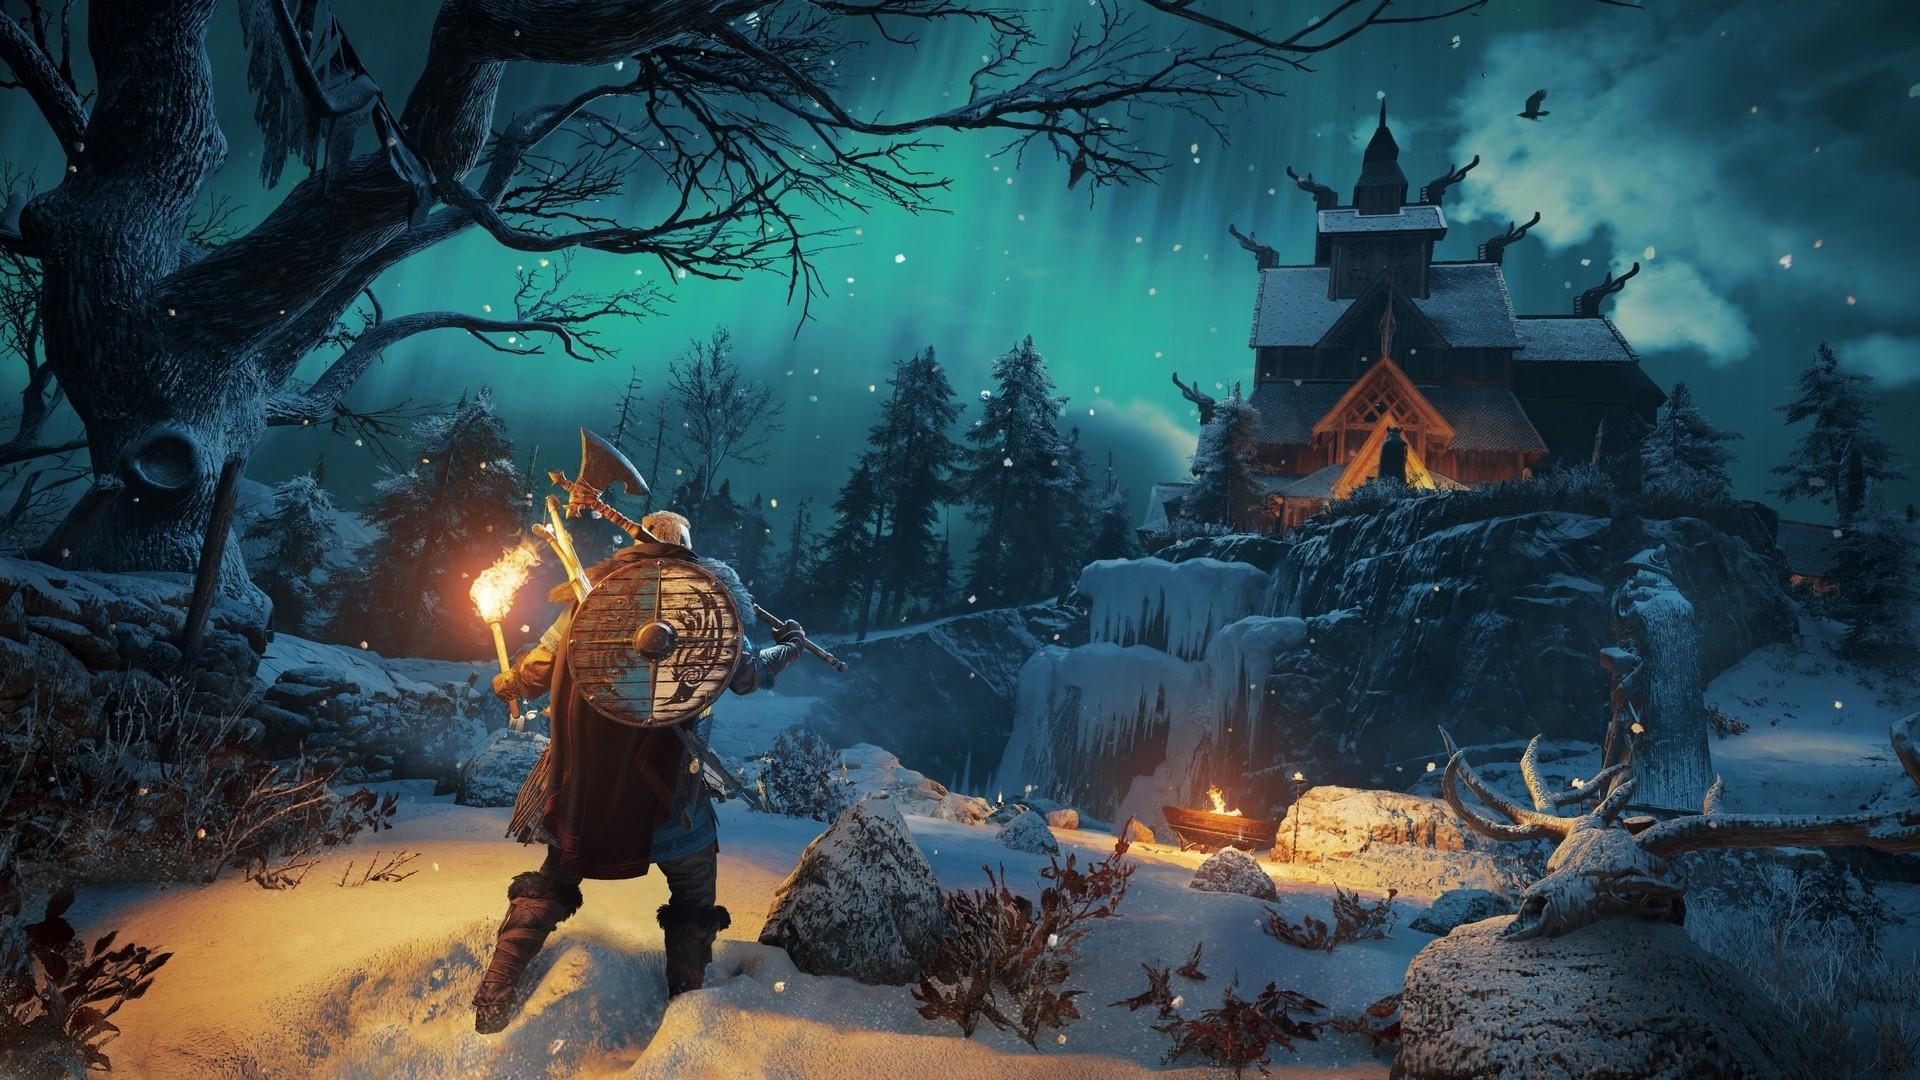 Assassins Creed Valhalla Full HD Wallpaper